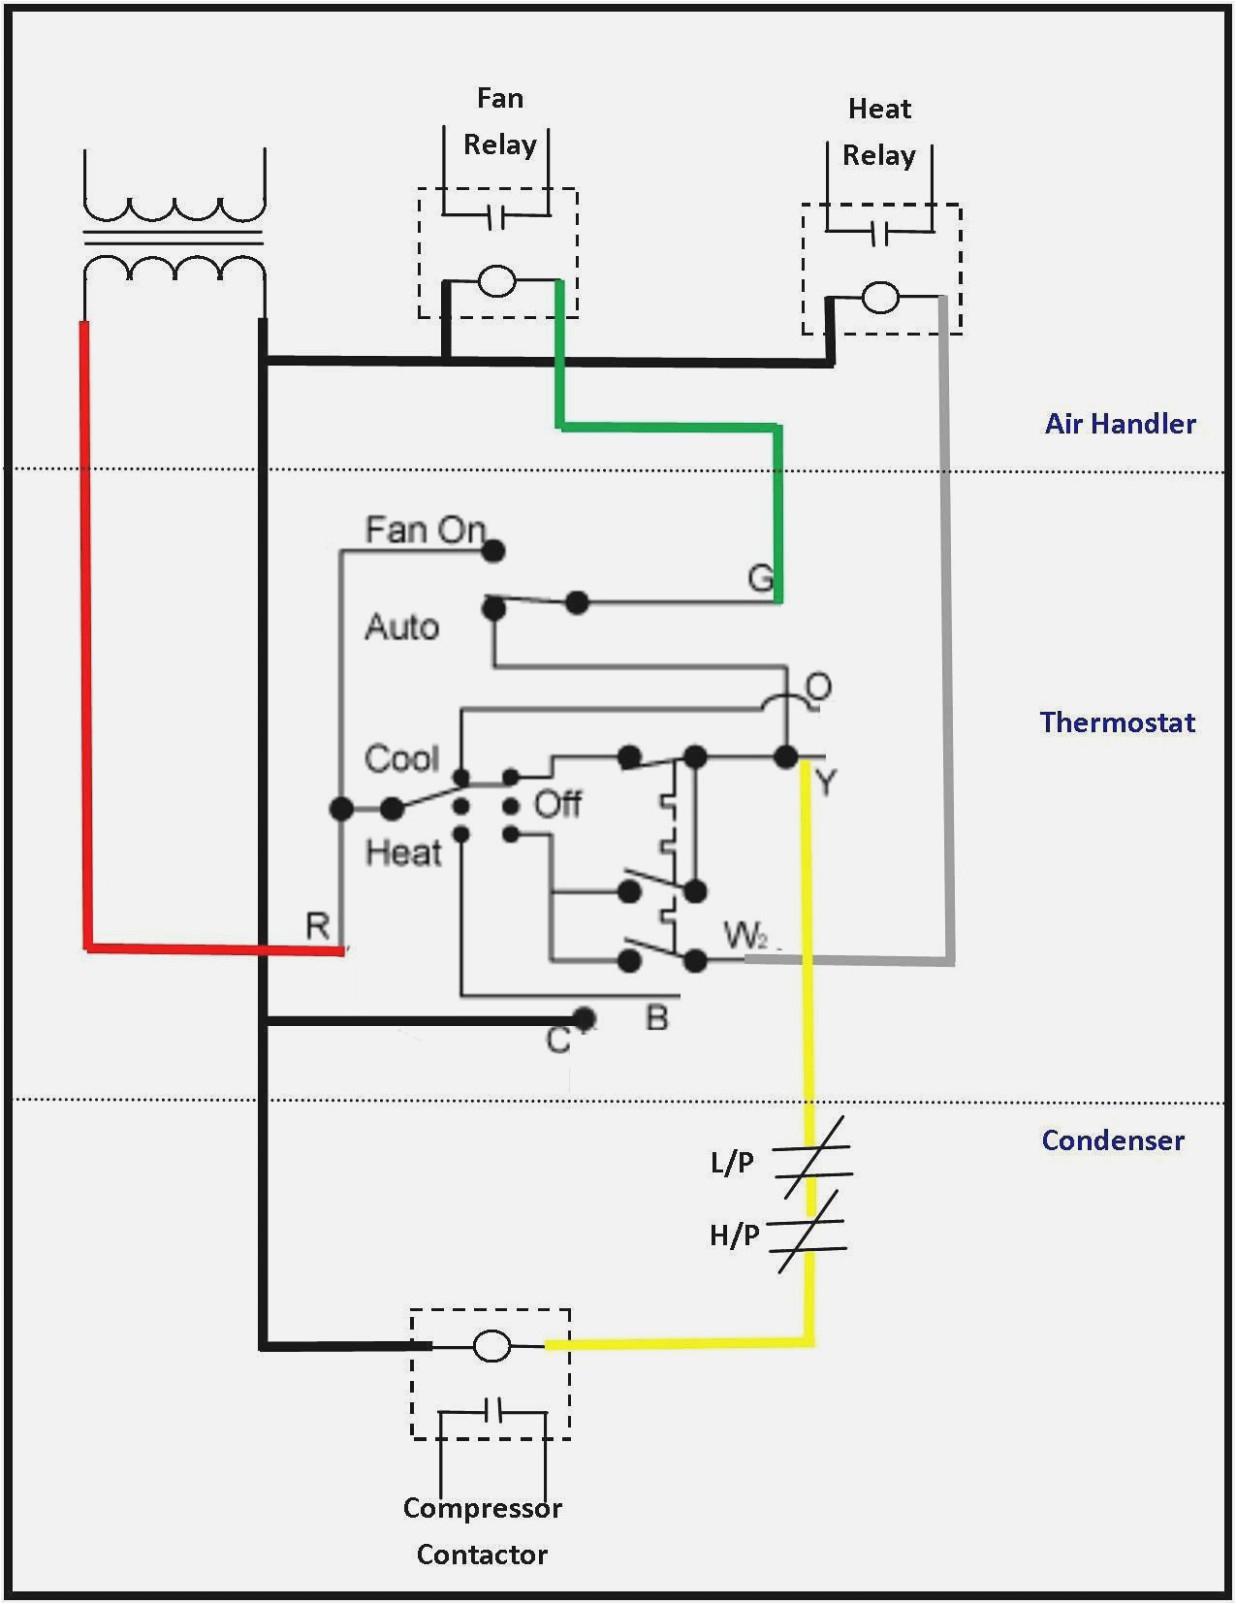 gas furnace wiring diagram pdf wiring diagram sample gas furnace wiring diagram pdf